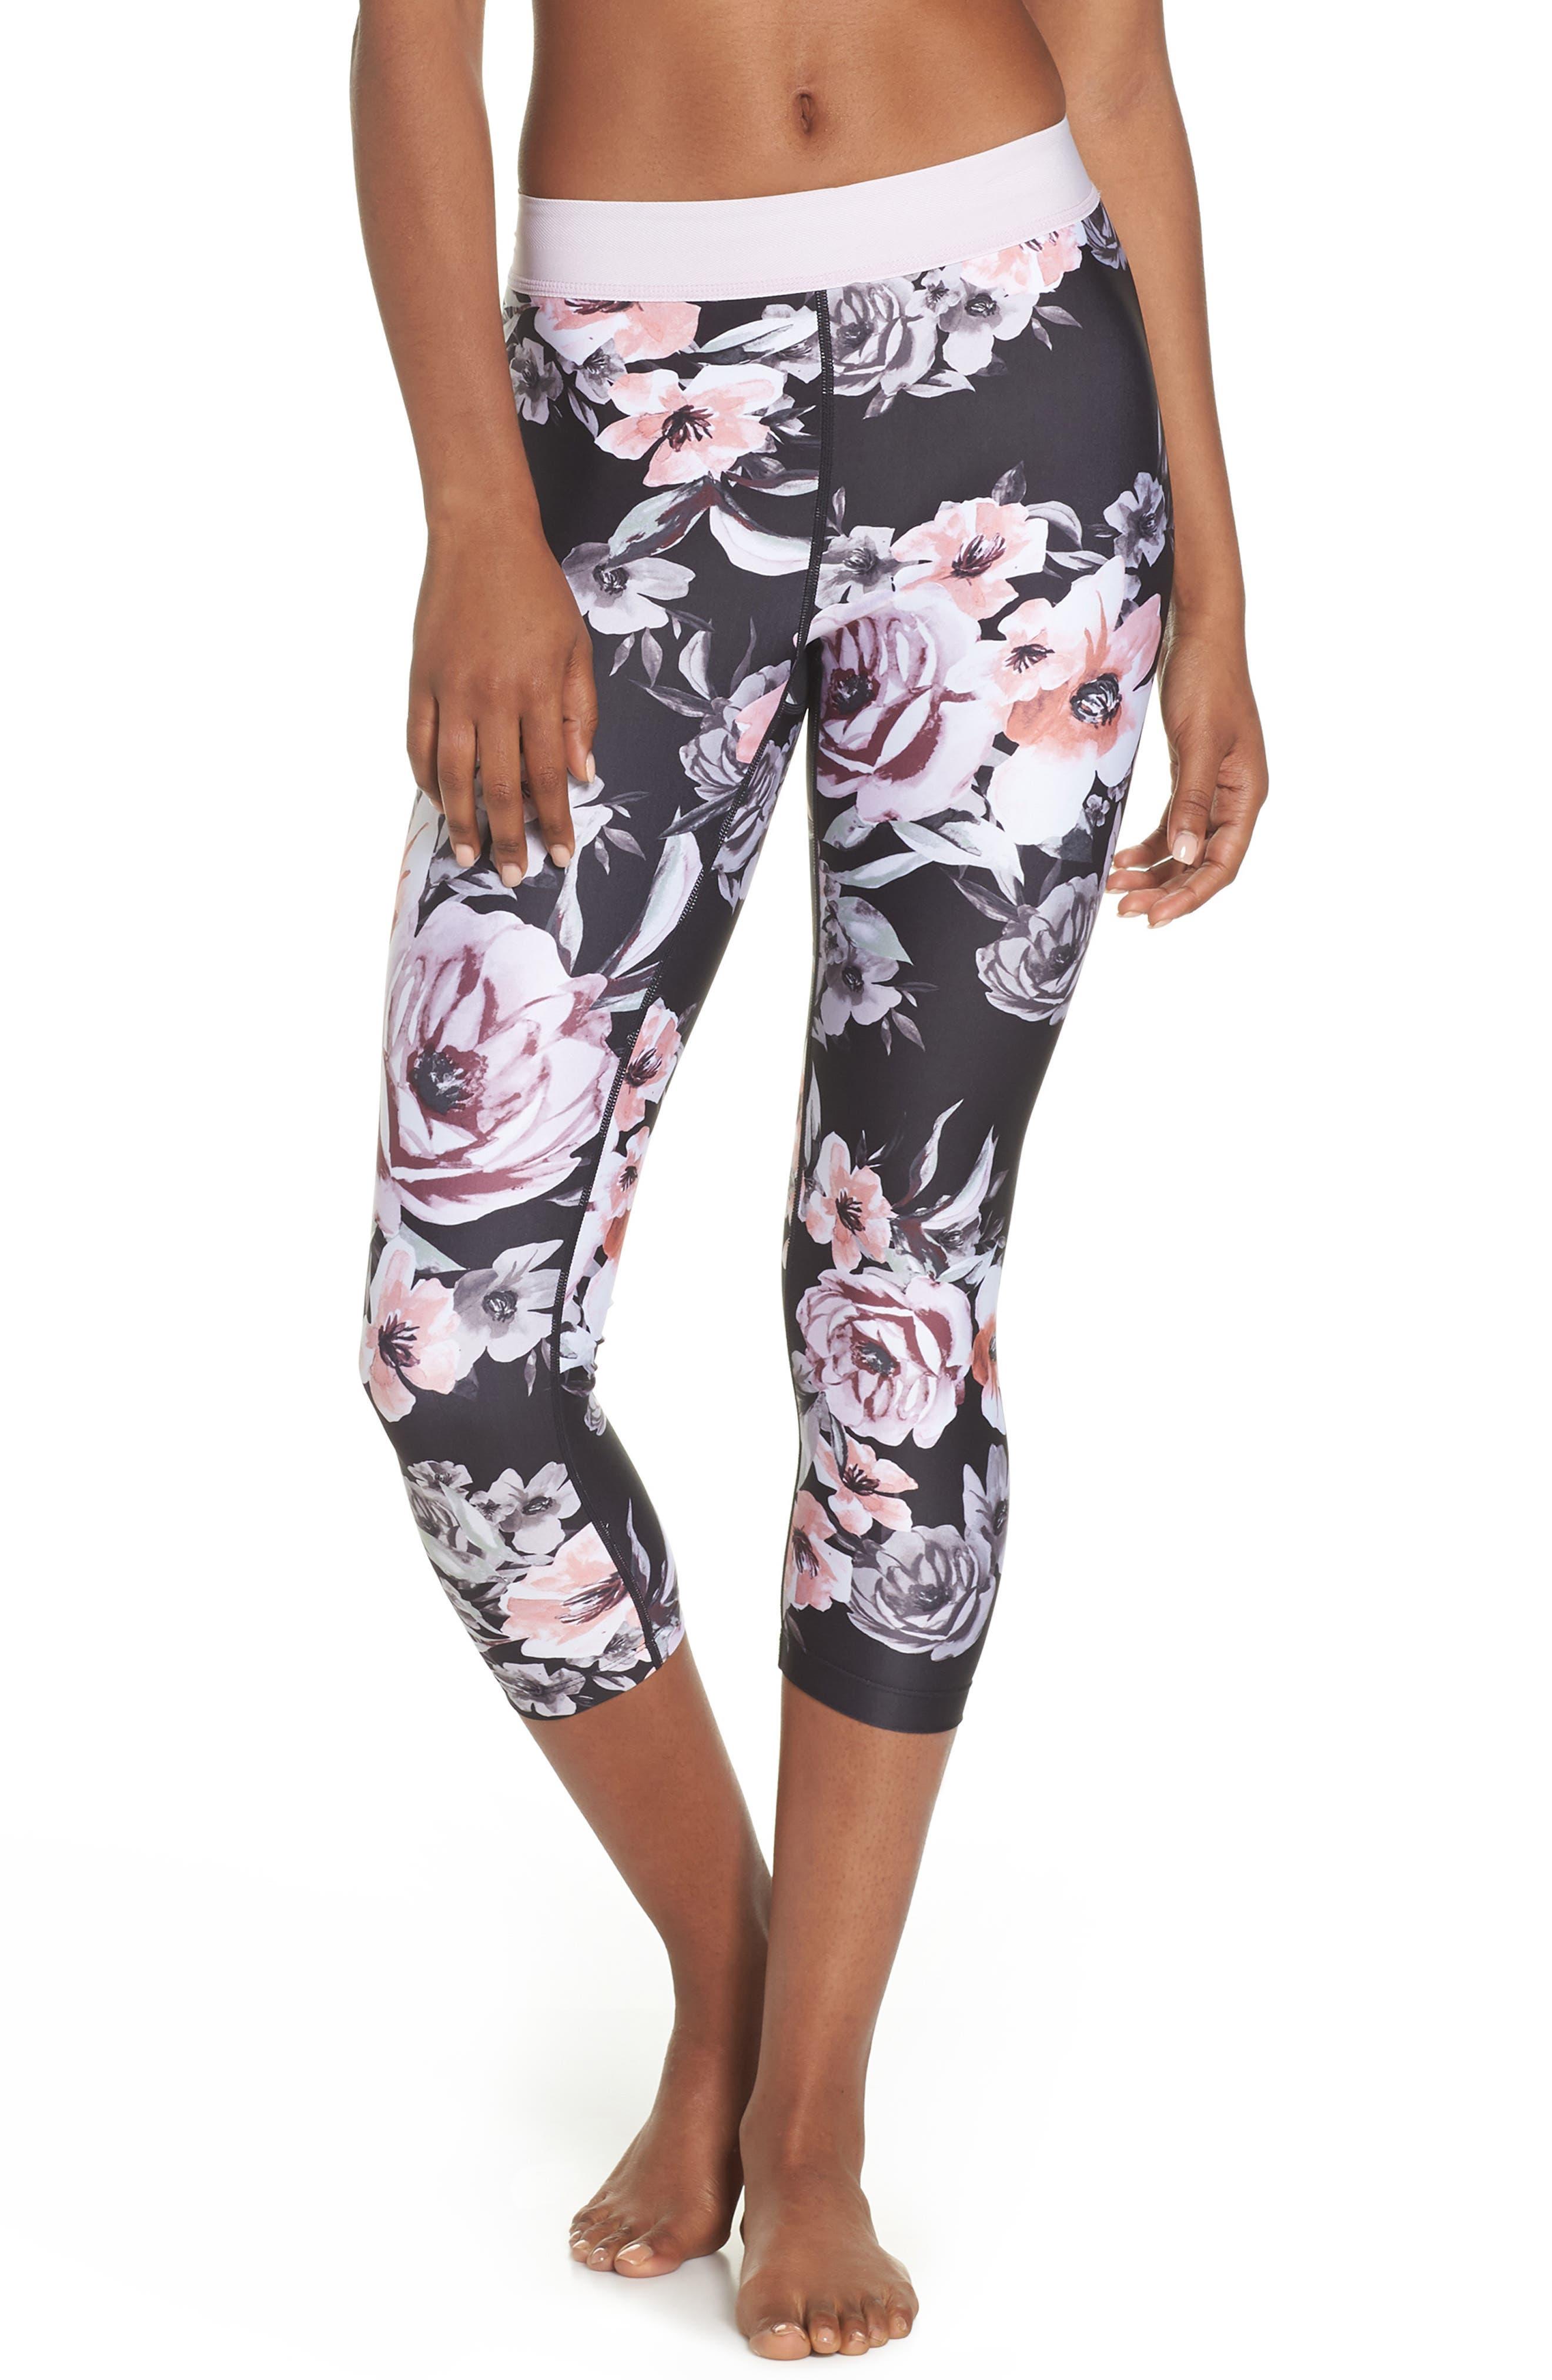 Vera Print Crop Leggings,                         Main,                         color, BLACK CLASSIC FLORAL PRINT